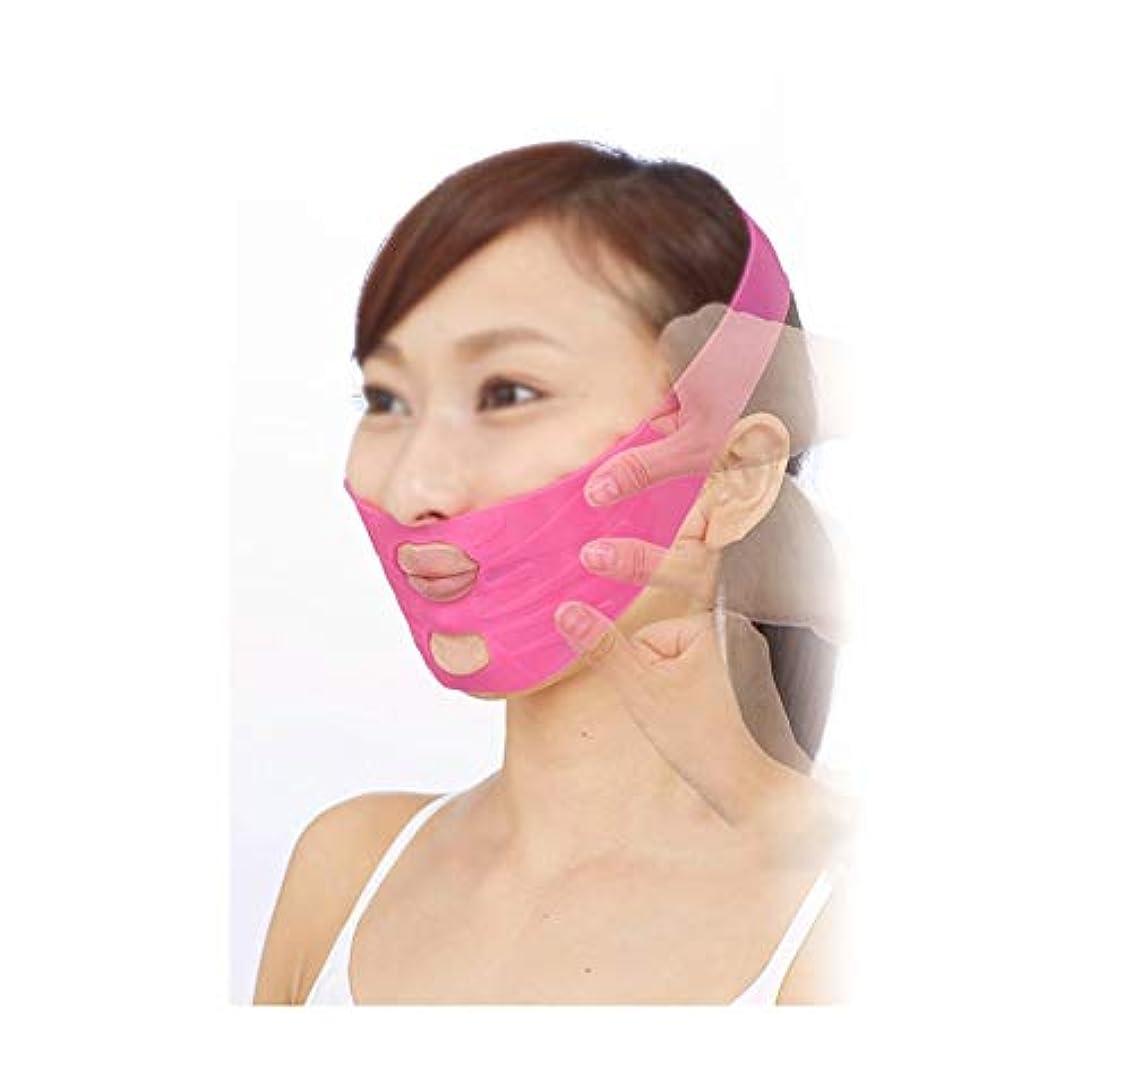 経済虫を数える舗装するフェイシャルマスク、フェイスリフティングアーティファクトフェイスマスク垂れ下がり面付きVフェイス包帯通気性スリーピングフェイスダブルチンチンセット睡眠弾性スリミングベルト